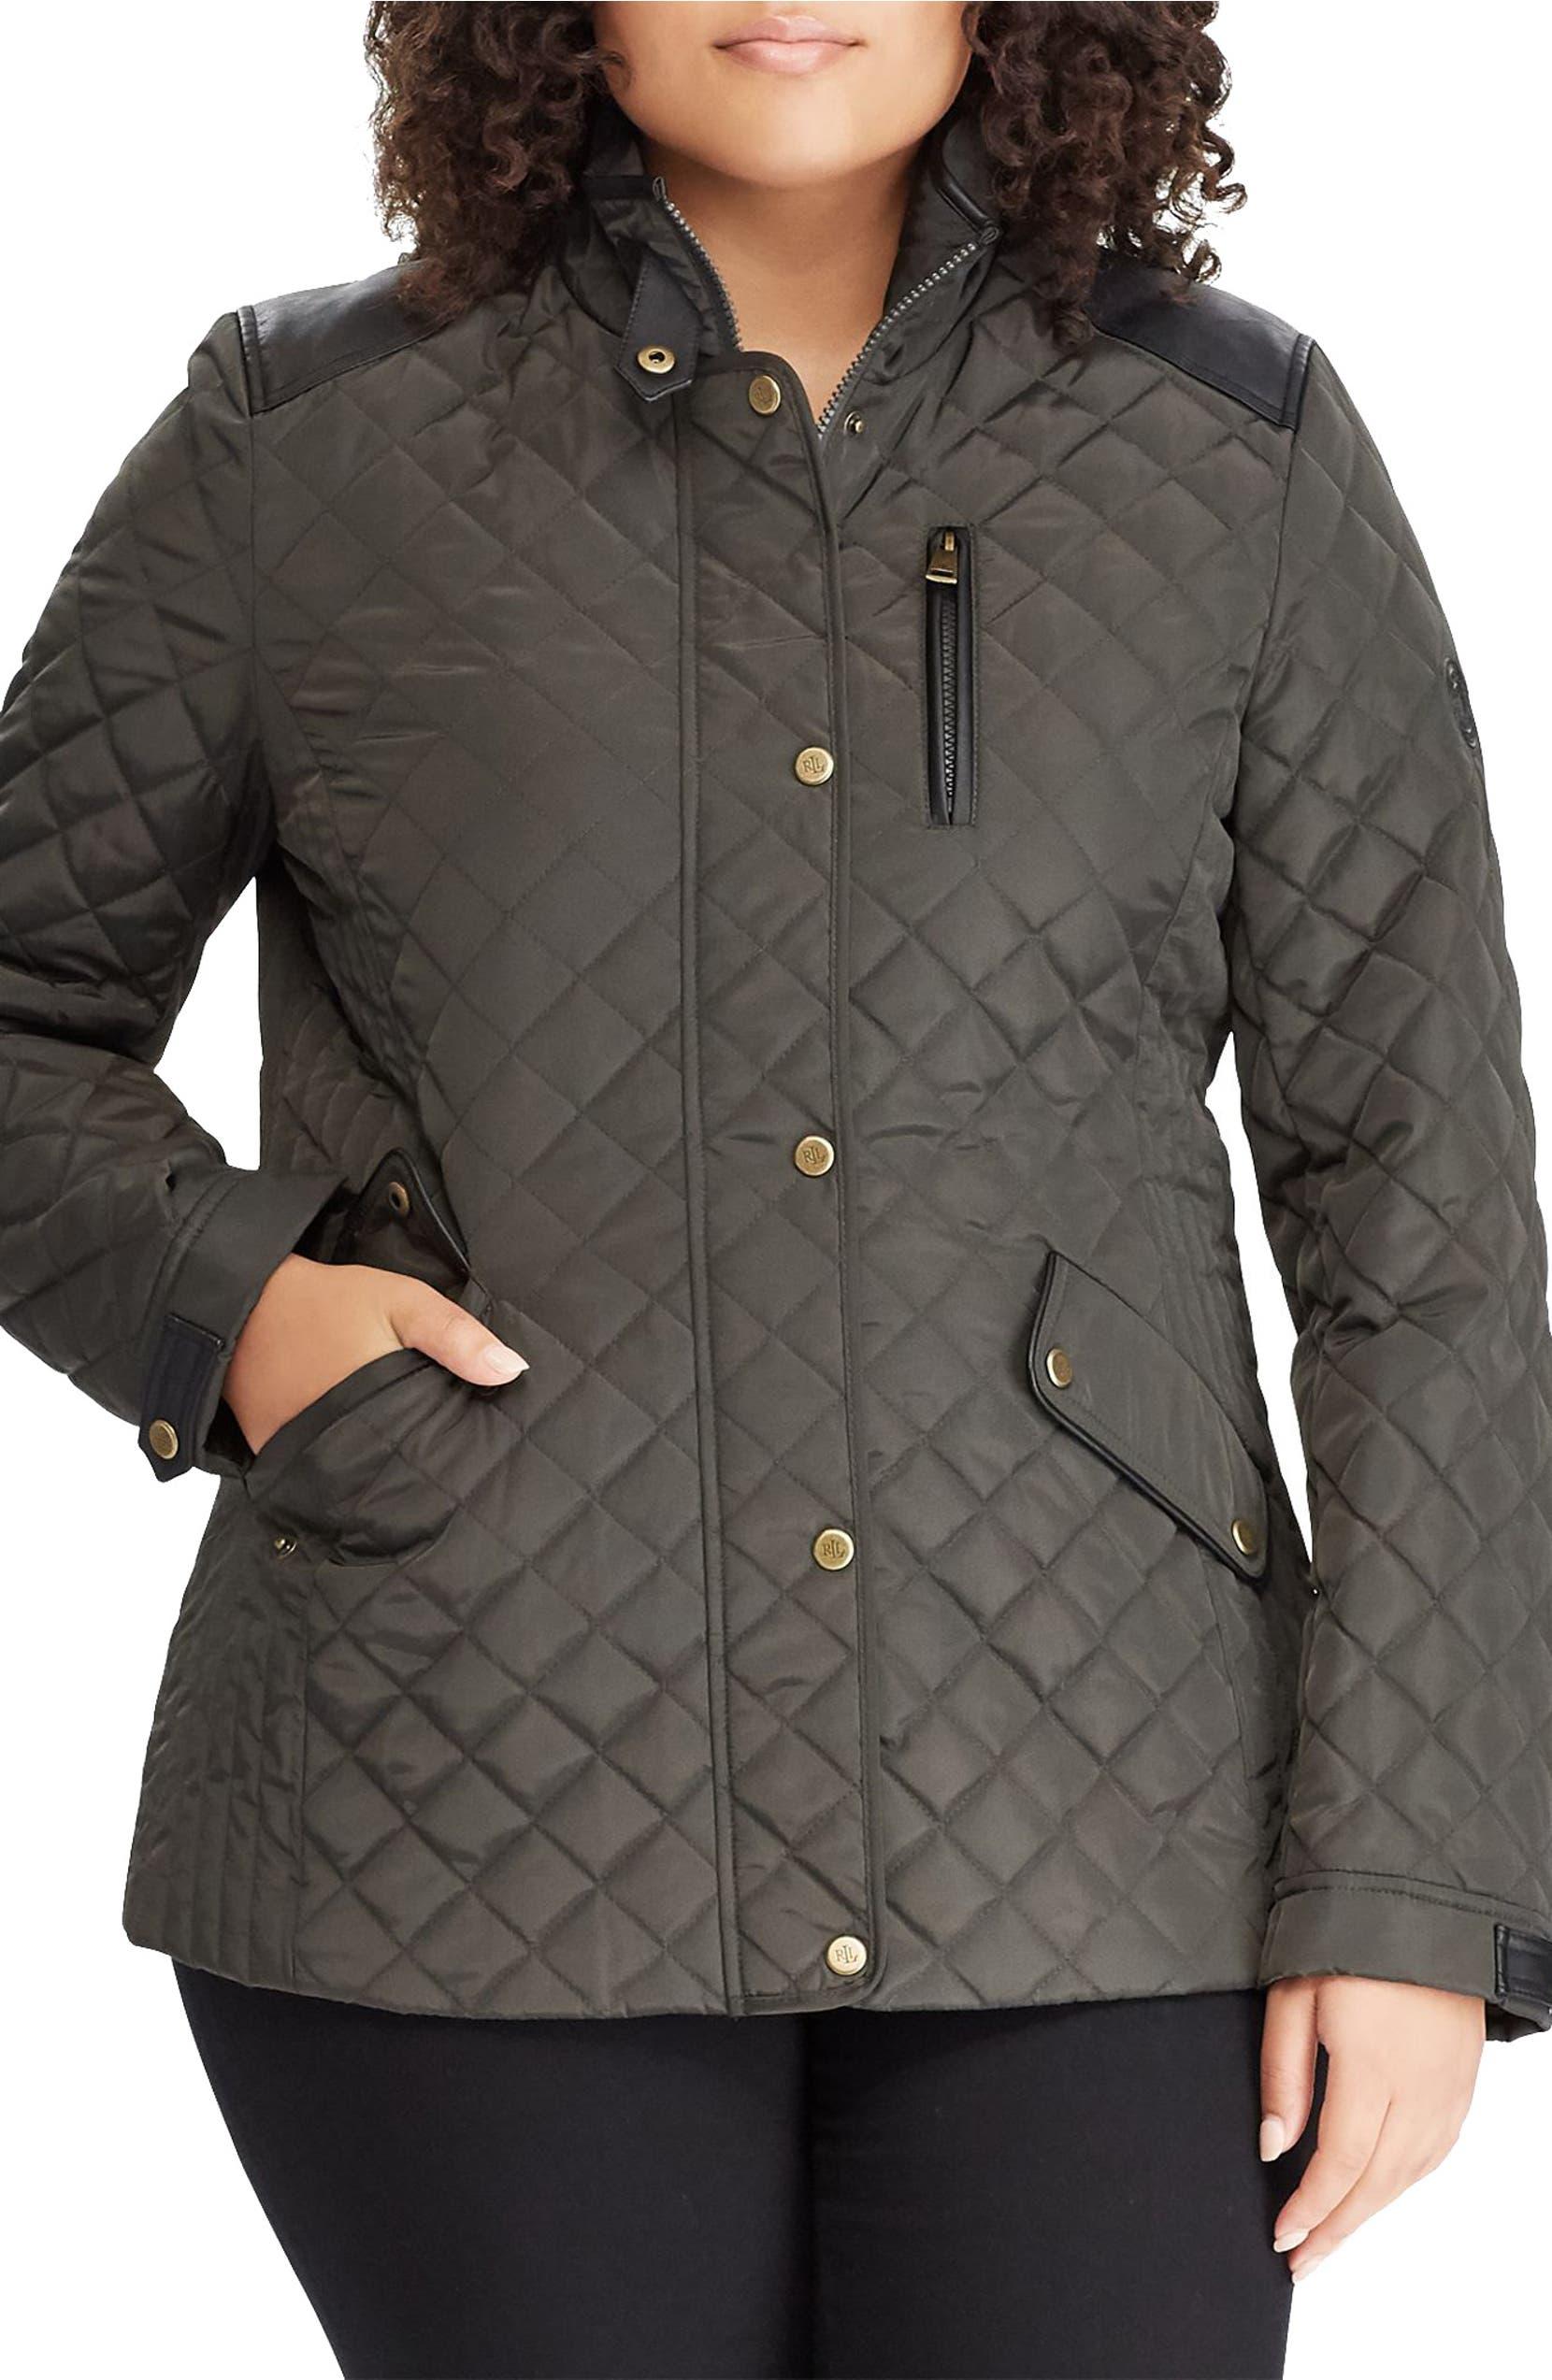 ddecddeb2d9 Lauren Ralph Lauren Quilted Jacket with Faux Leather Trim (Plus Size ...